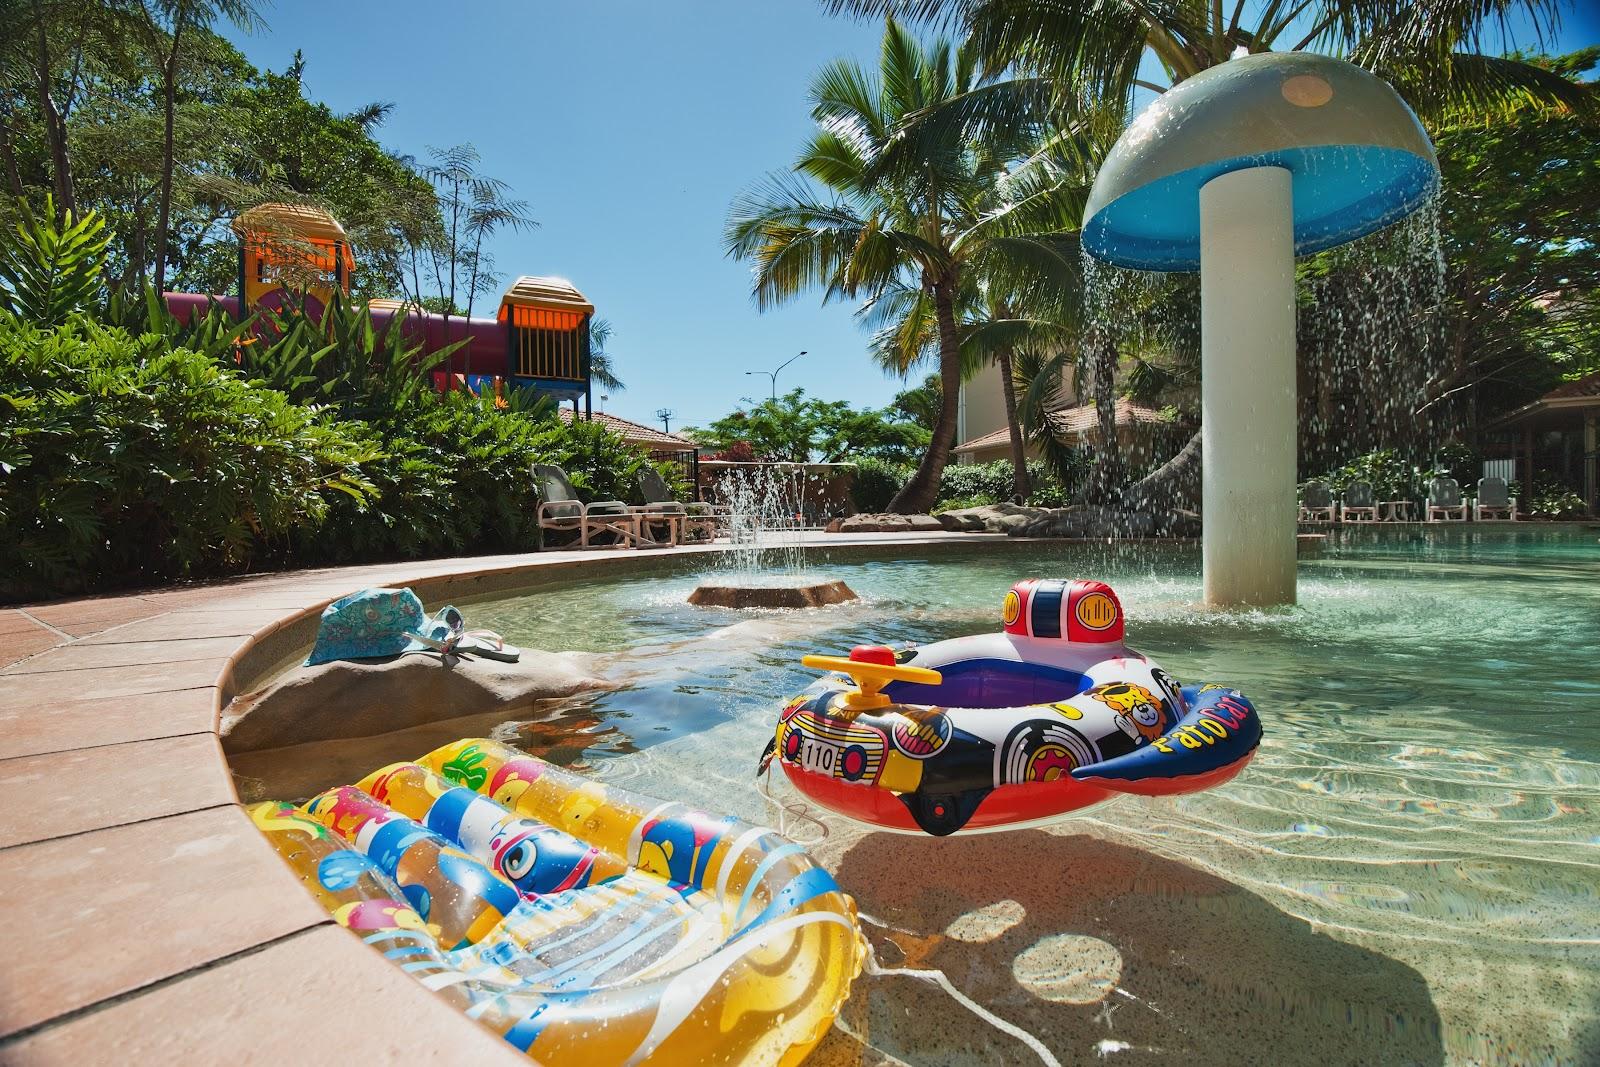 Palazzo Beach Resort The Best Beaches In World